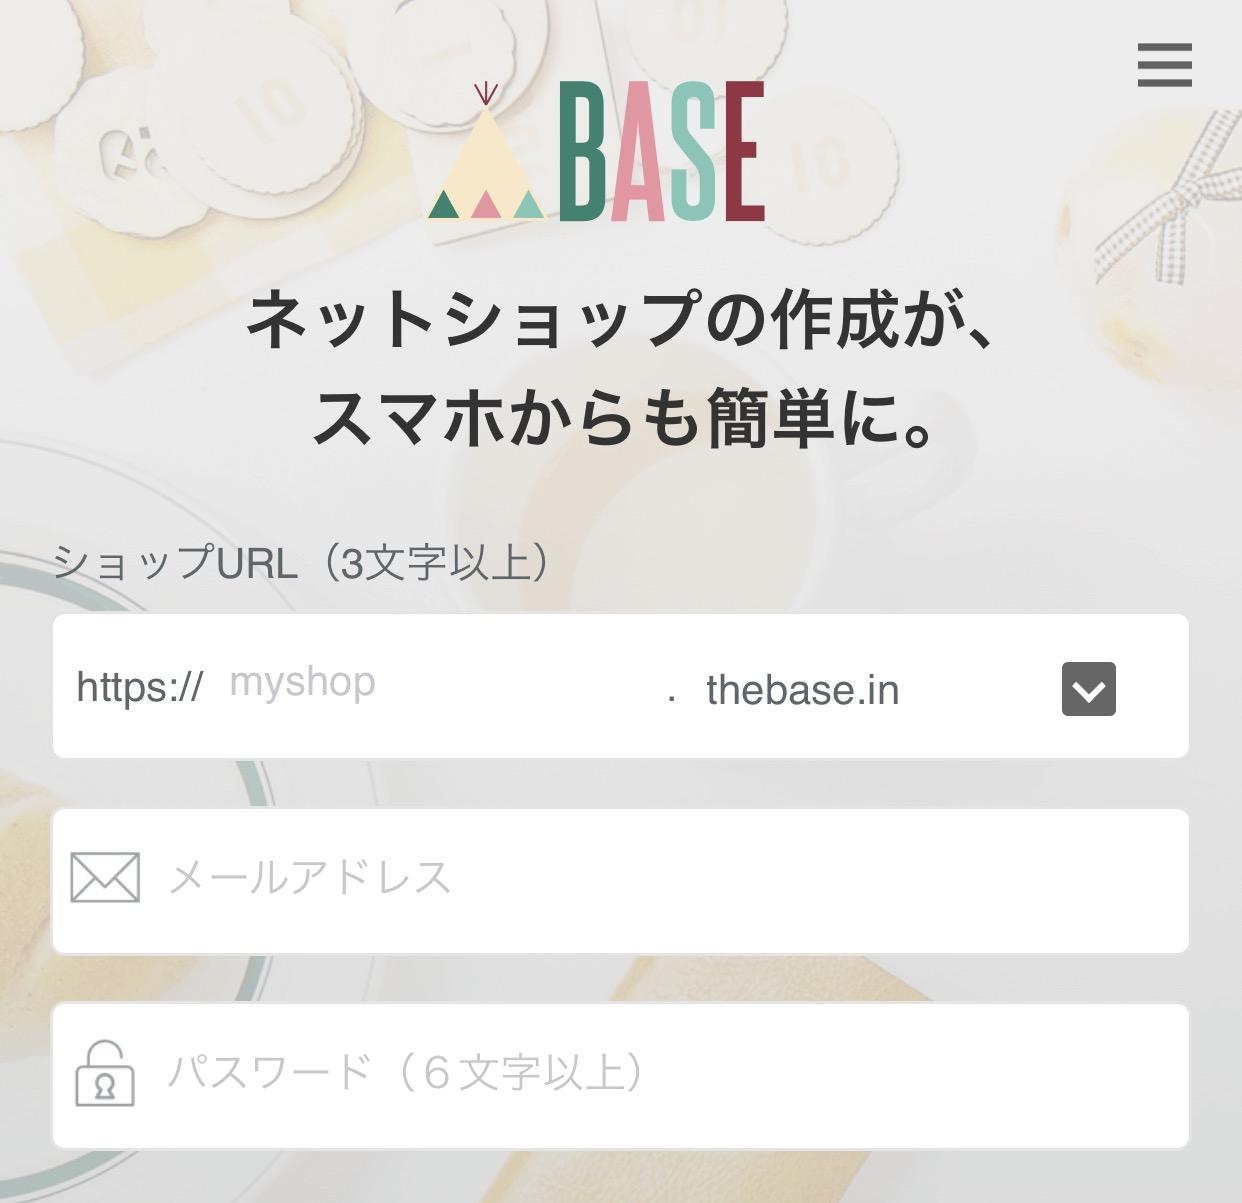 無料オンラインショップBASEの開設方法